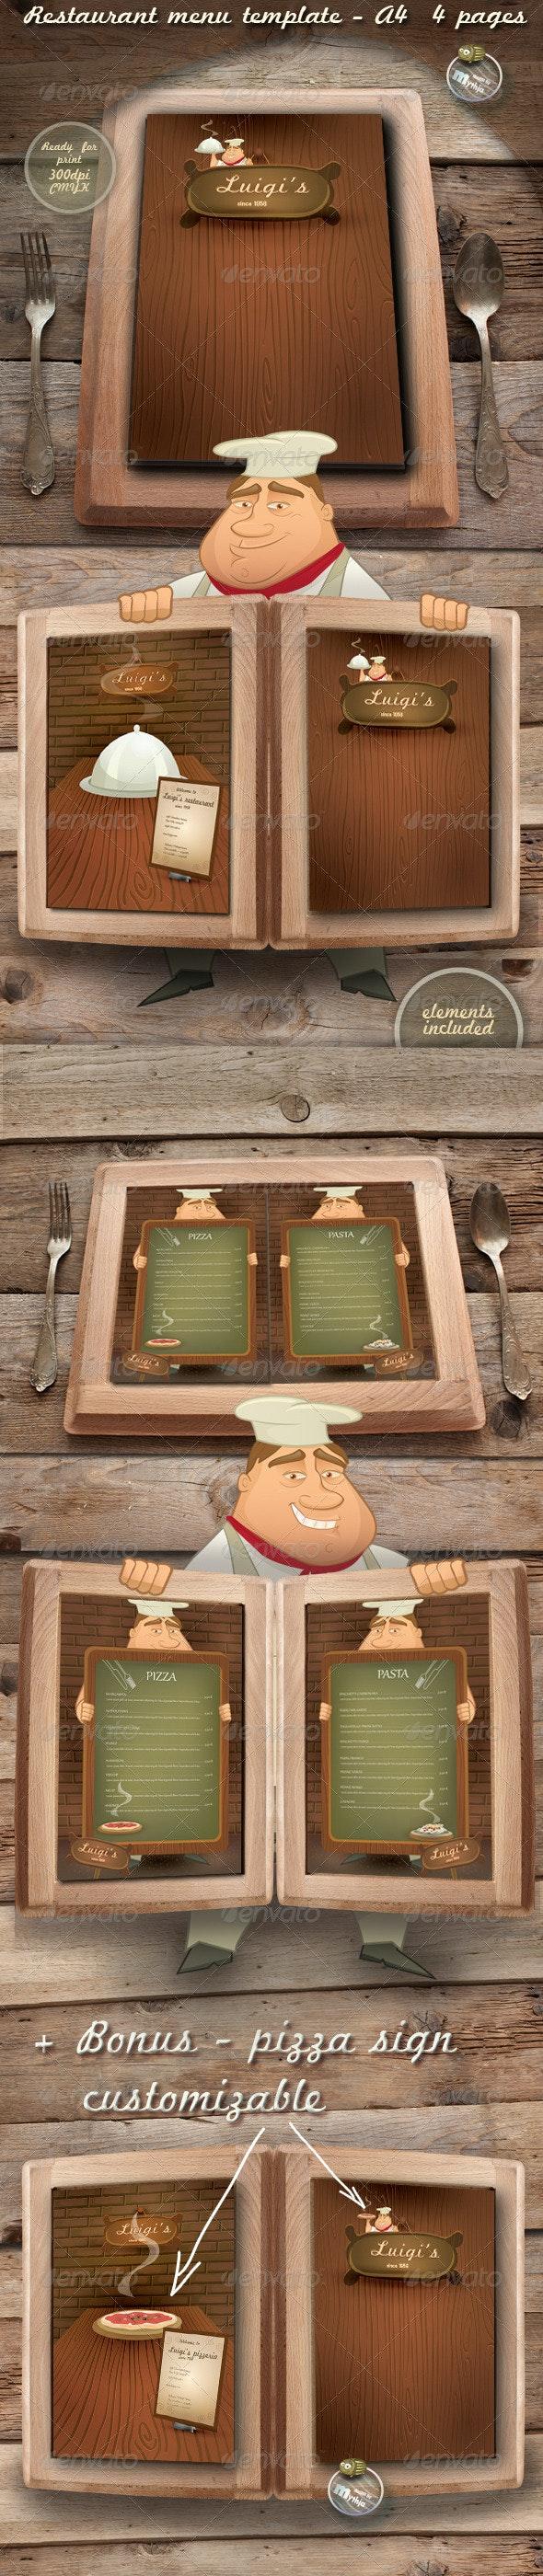 Restaurant Menu Templates - Luigi's - Food Menus Print Templates